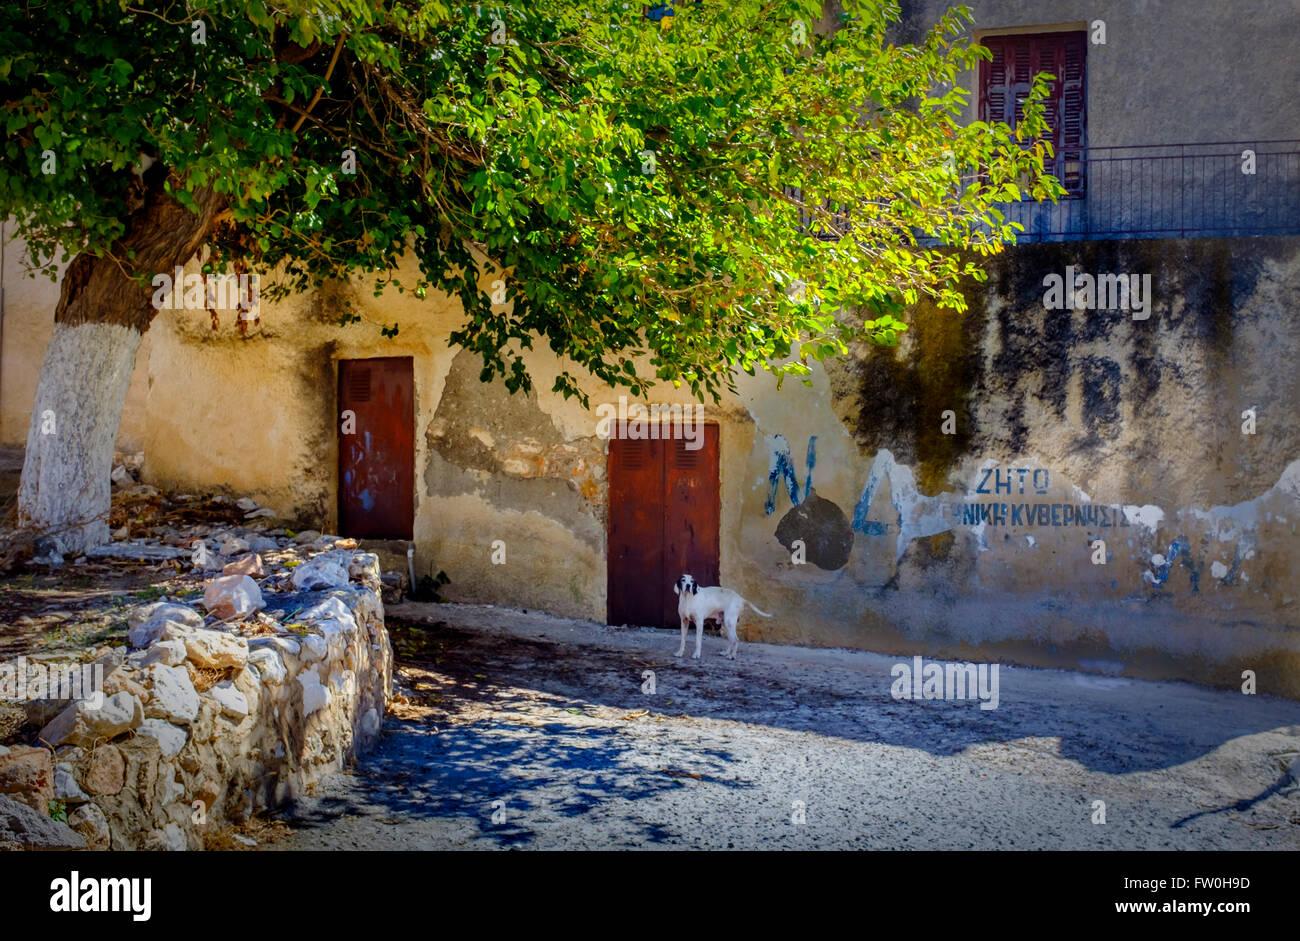 Gerolimenas pittoresque scène de rue tranquille dans le Péloponnèse, Grèce, montrant le chien Photo Stock